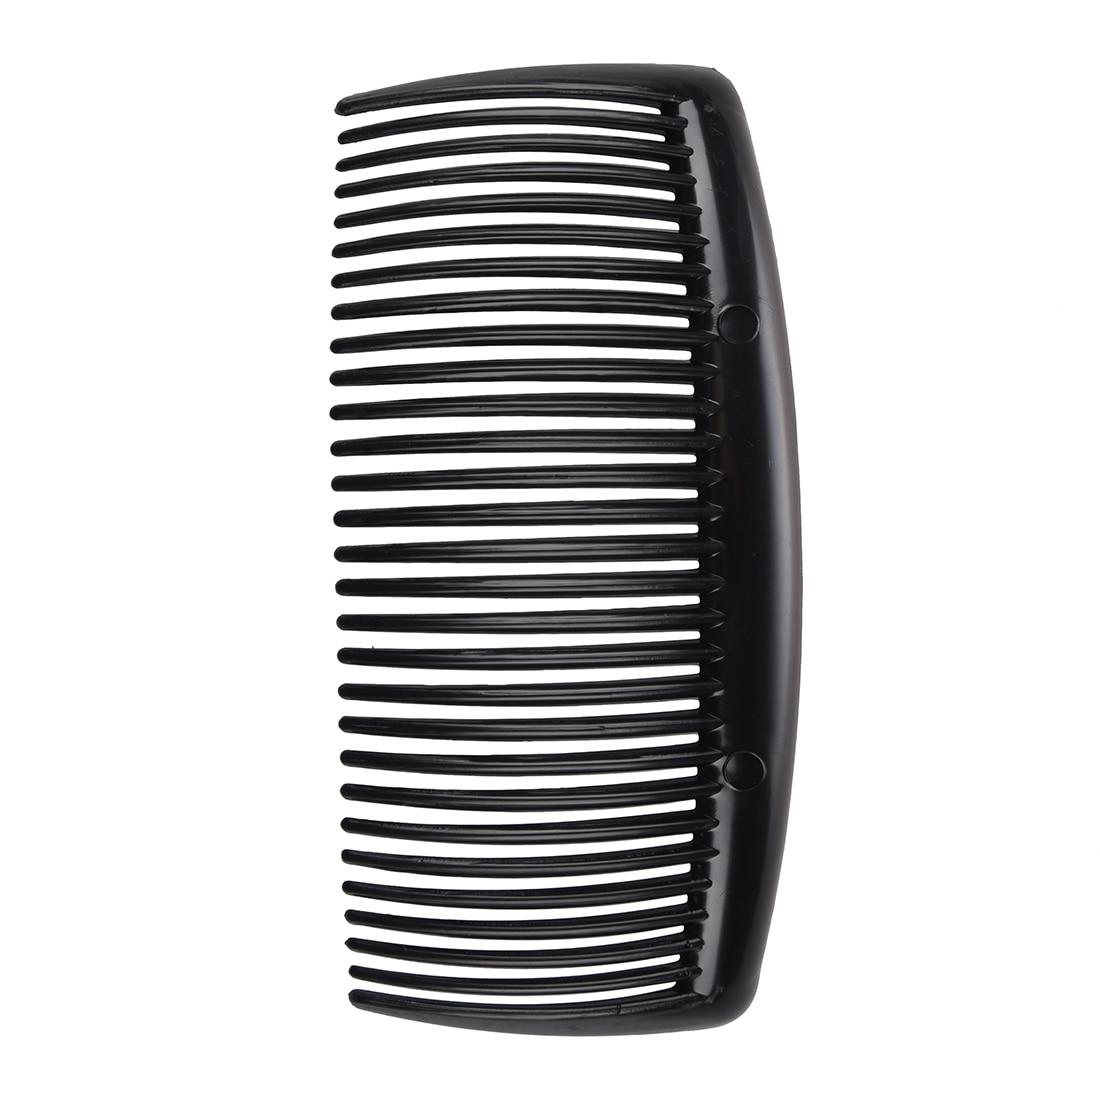 2 Pcs Black Plastic Comb Hair Clip Clamp For Ladies